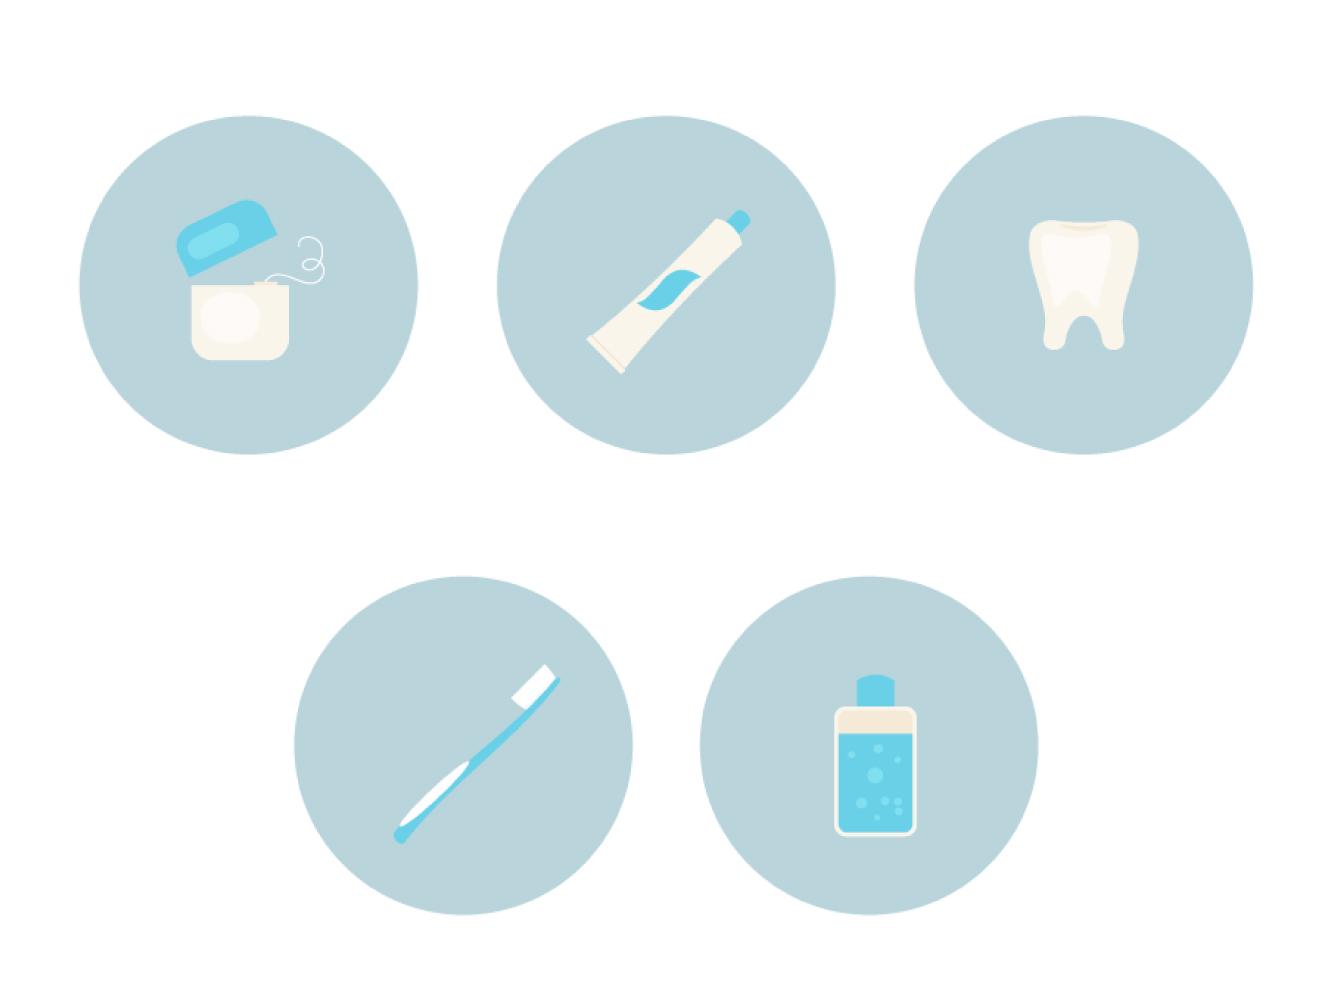 如何在Adobe Illustrator中创建一组牙齿护理主题图标